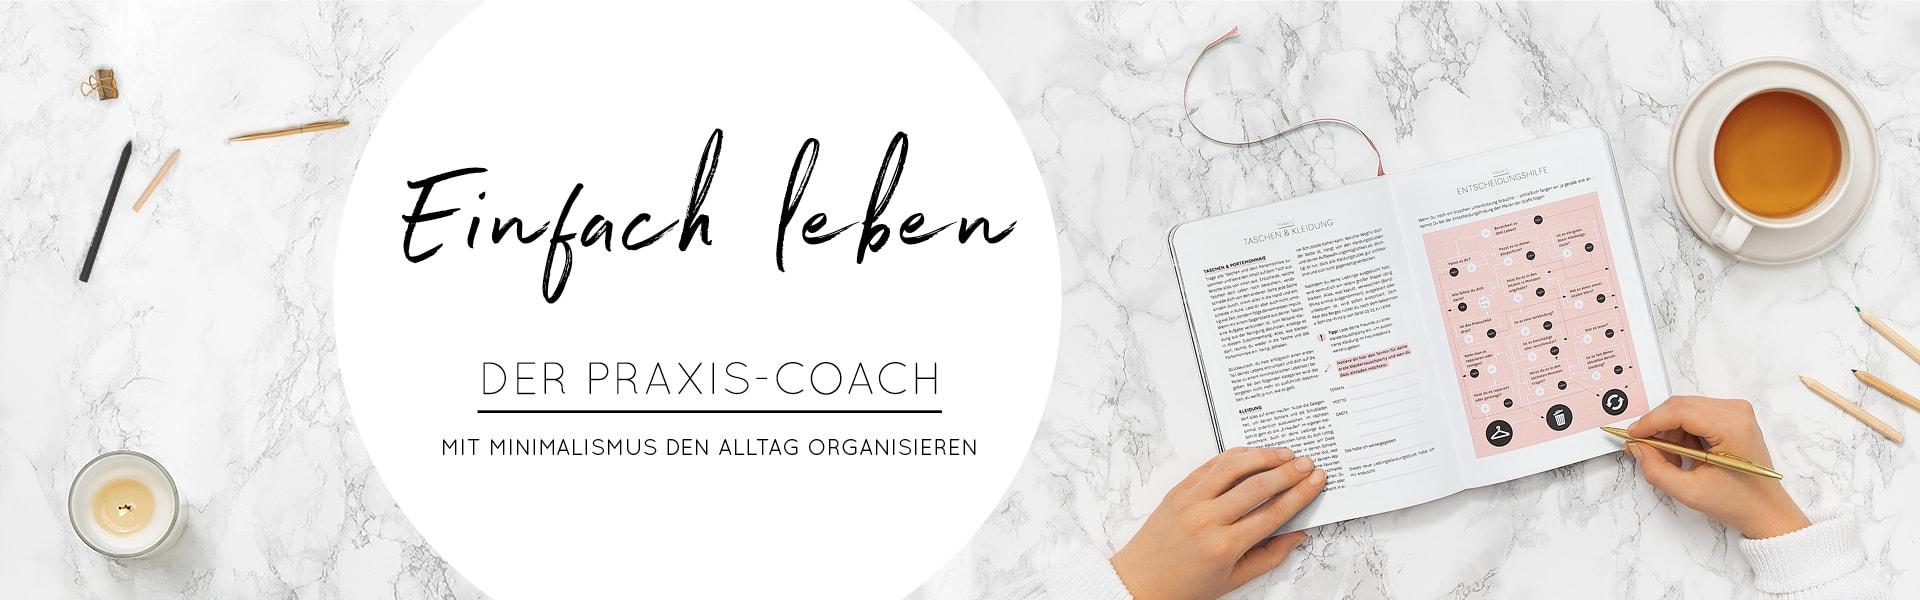 Einfach leben - Praxis-Coach